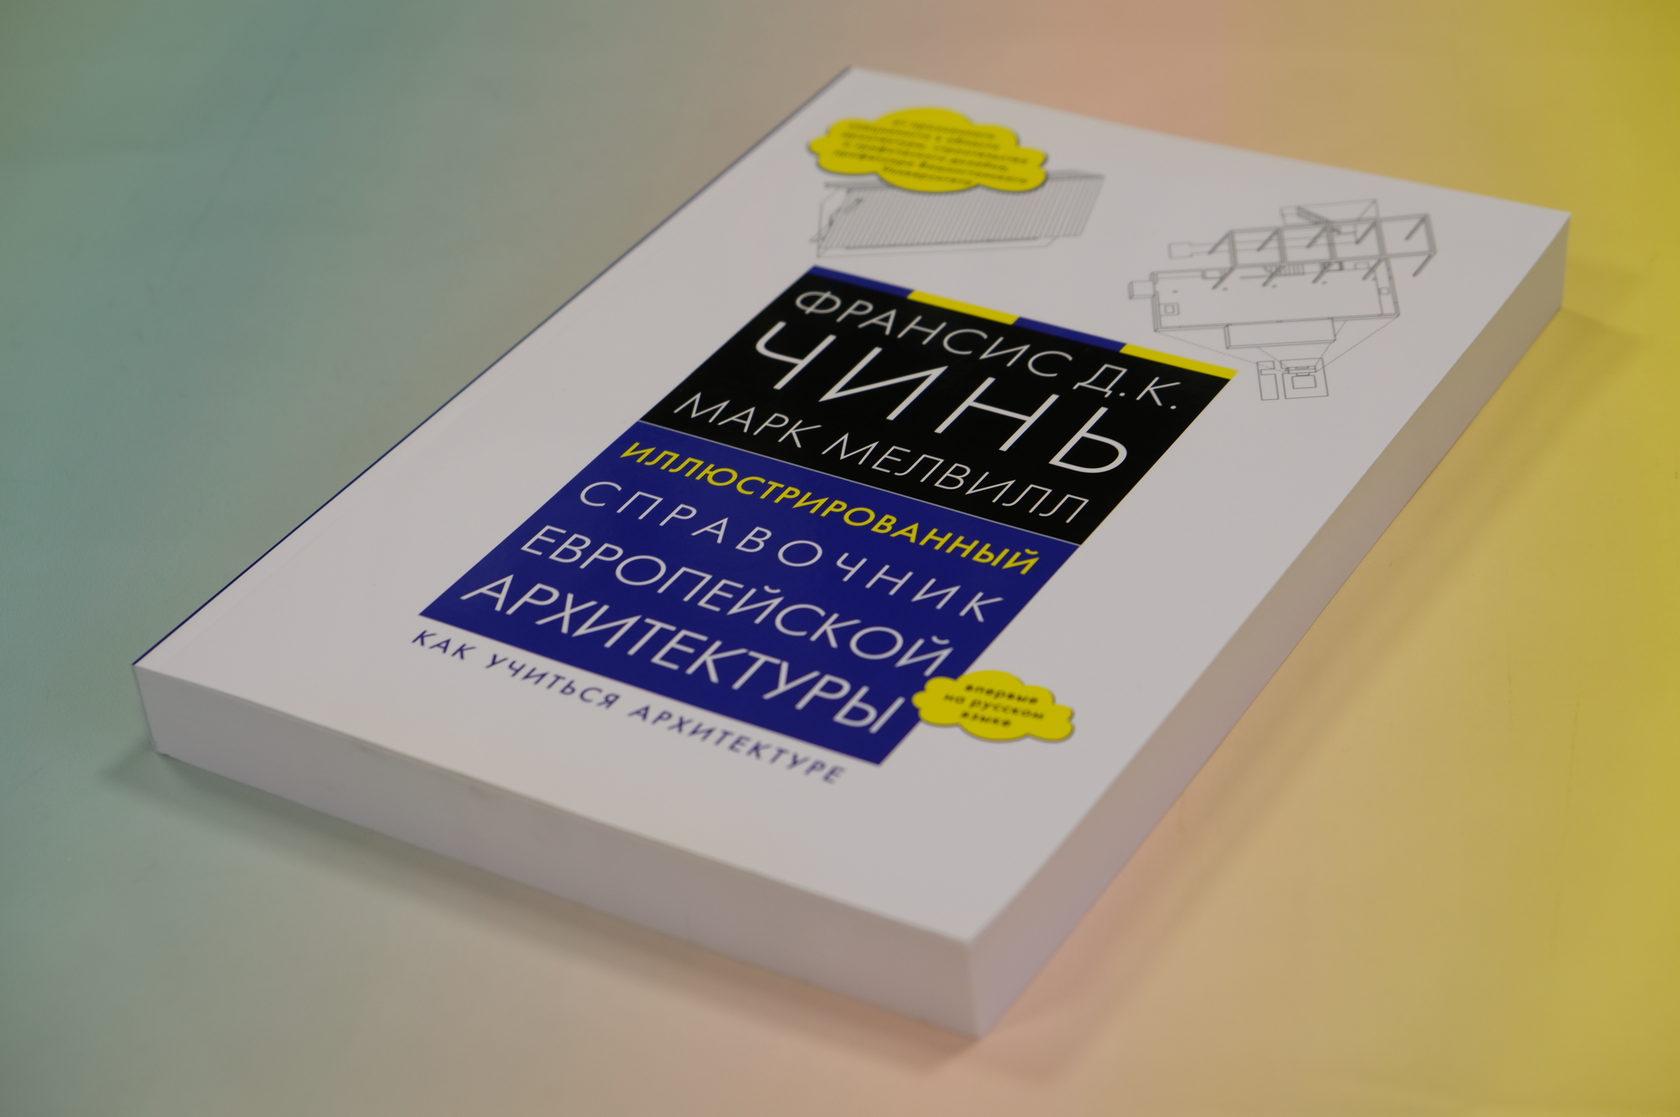 «Иллюстрированный справочник европейской архитектуры. Как учиться архитектуре» Чинь Ф. Д. К. 978-5-386-08954-2